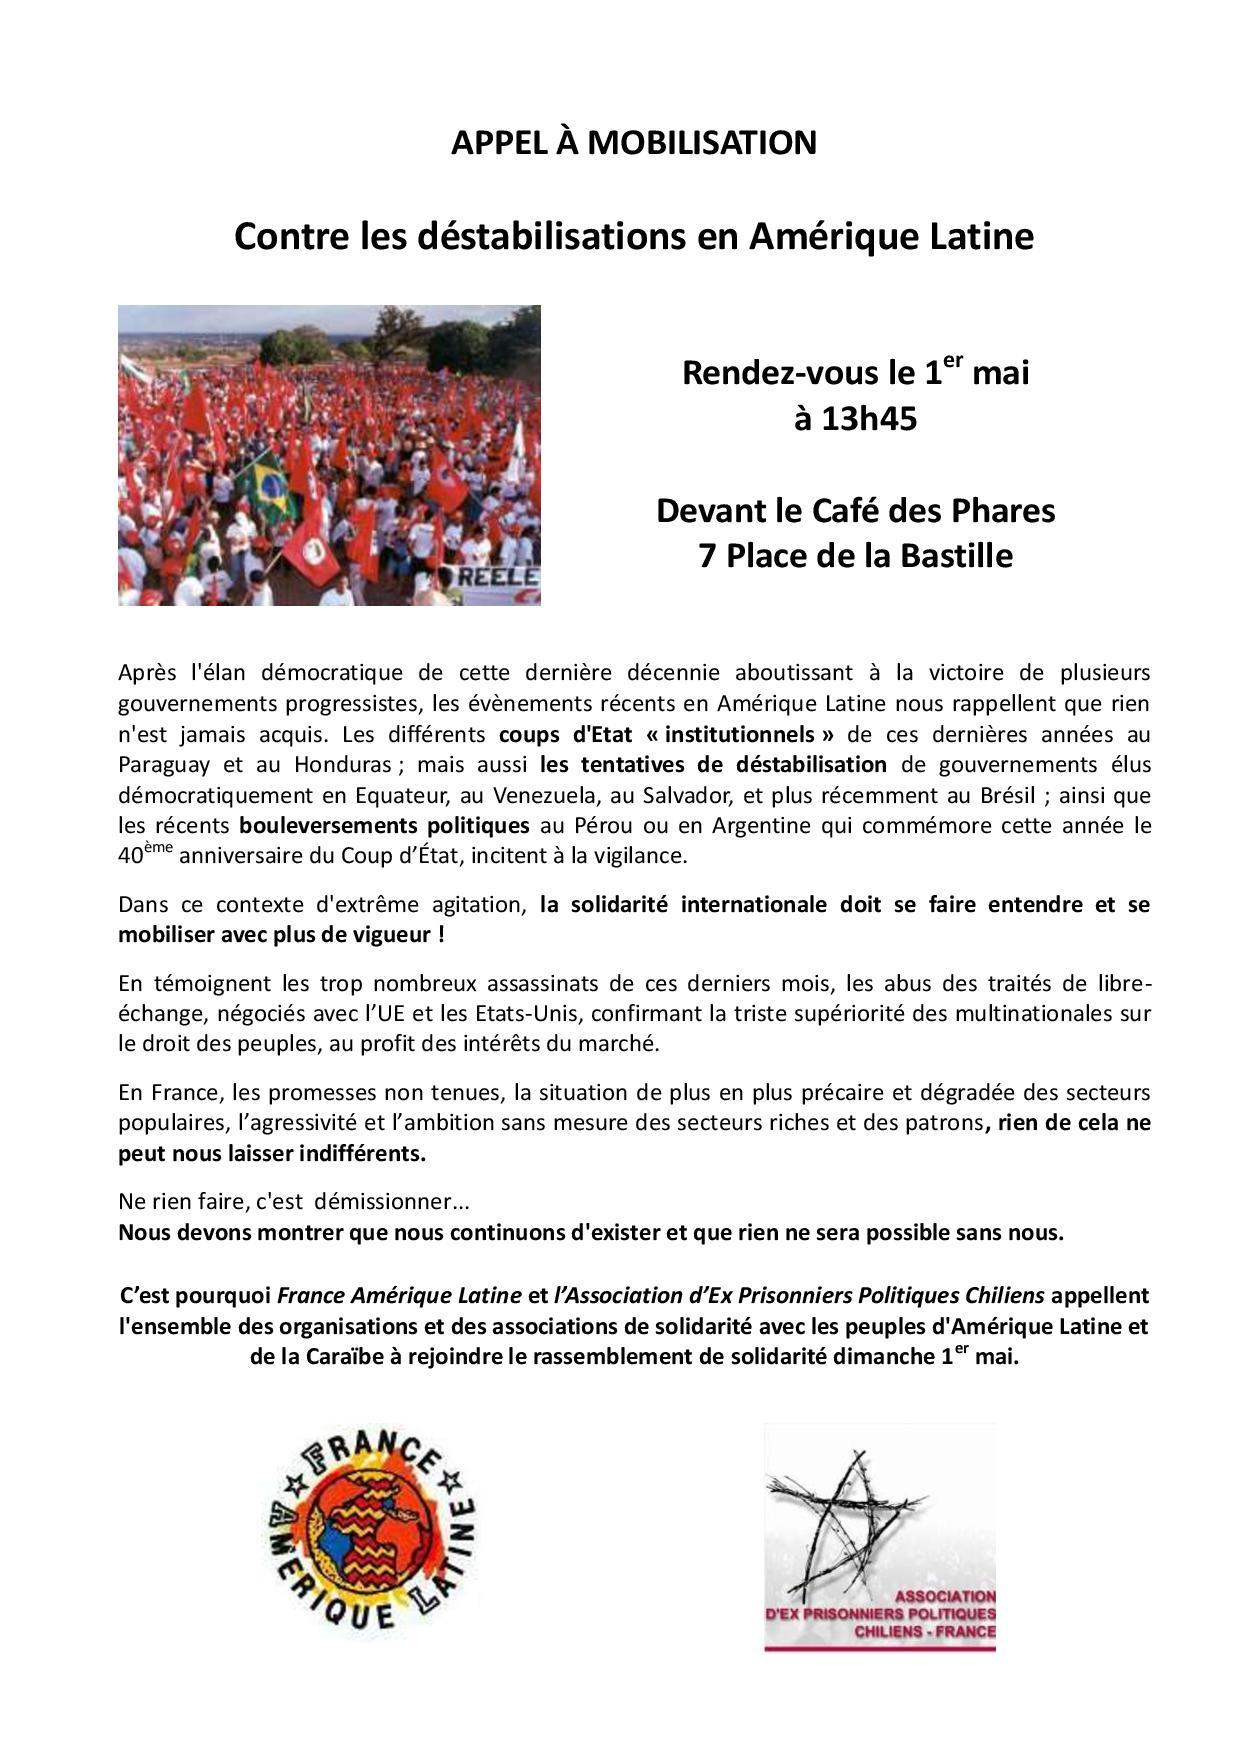 Appel à mobilisation du 1er mai : Contre les déstabilisations en Amérique Latine